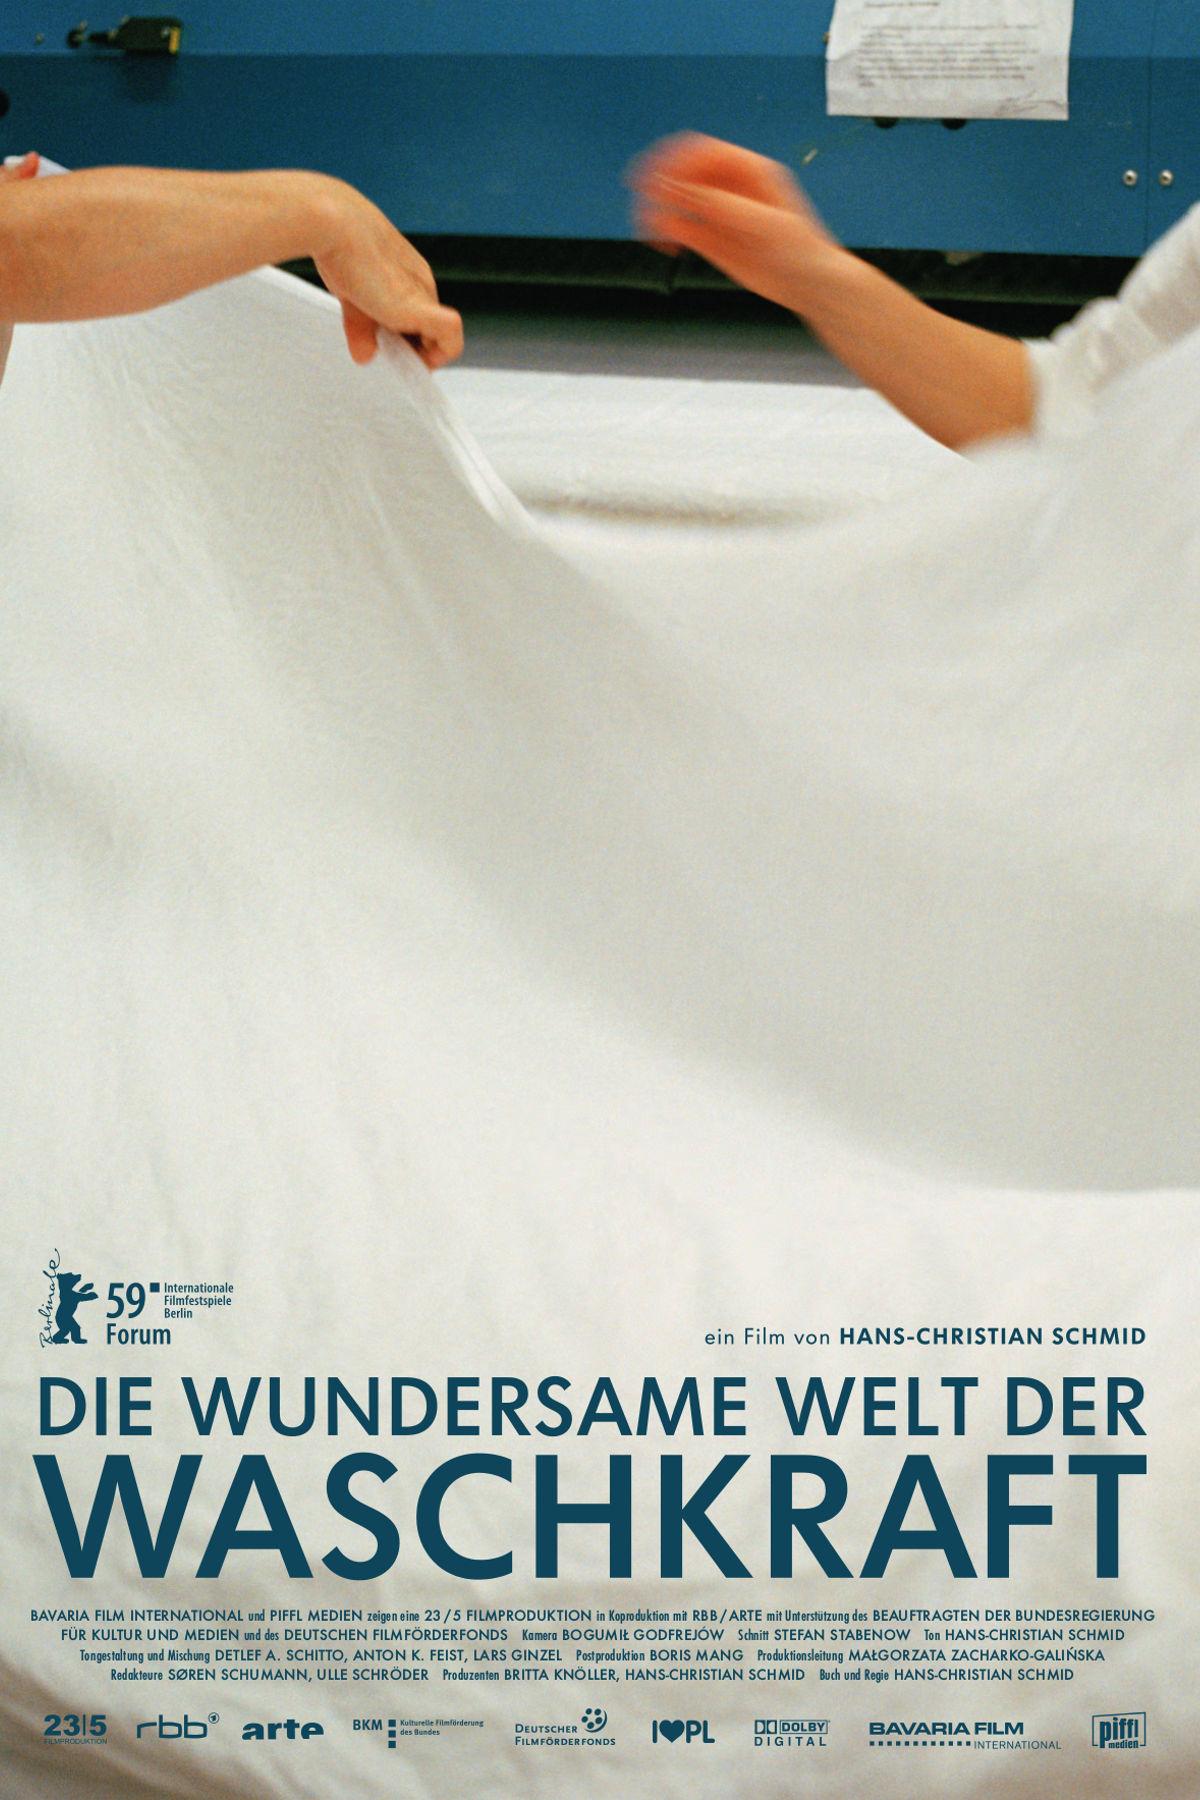 2009_Die Wundersame_Welt_der_Waschkraft_23_5_Filmproduktion.jpg